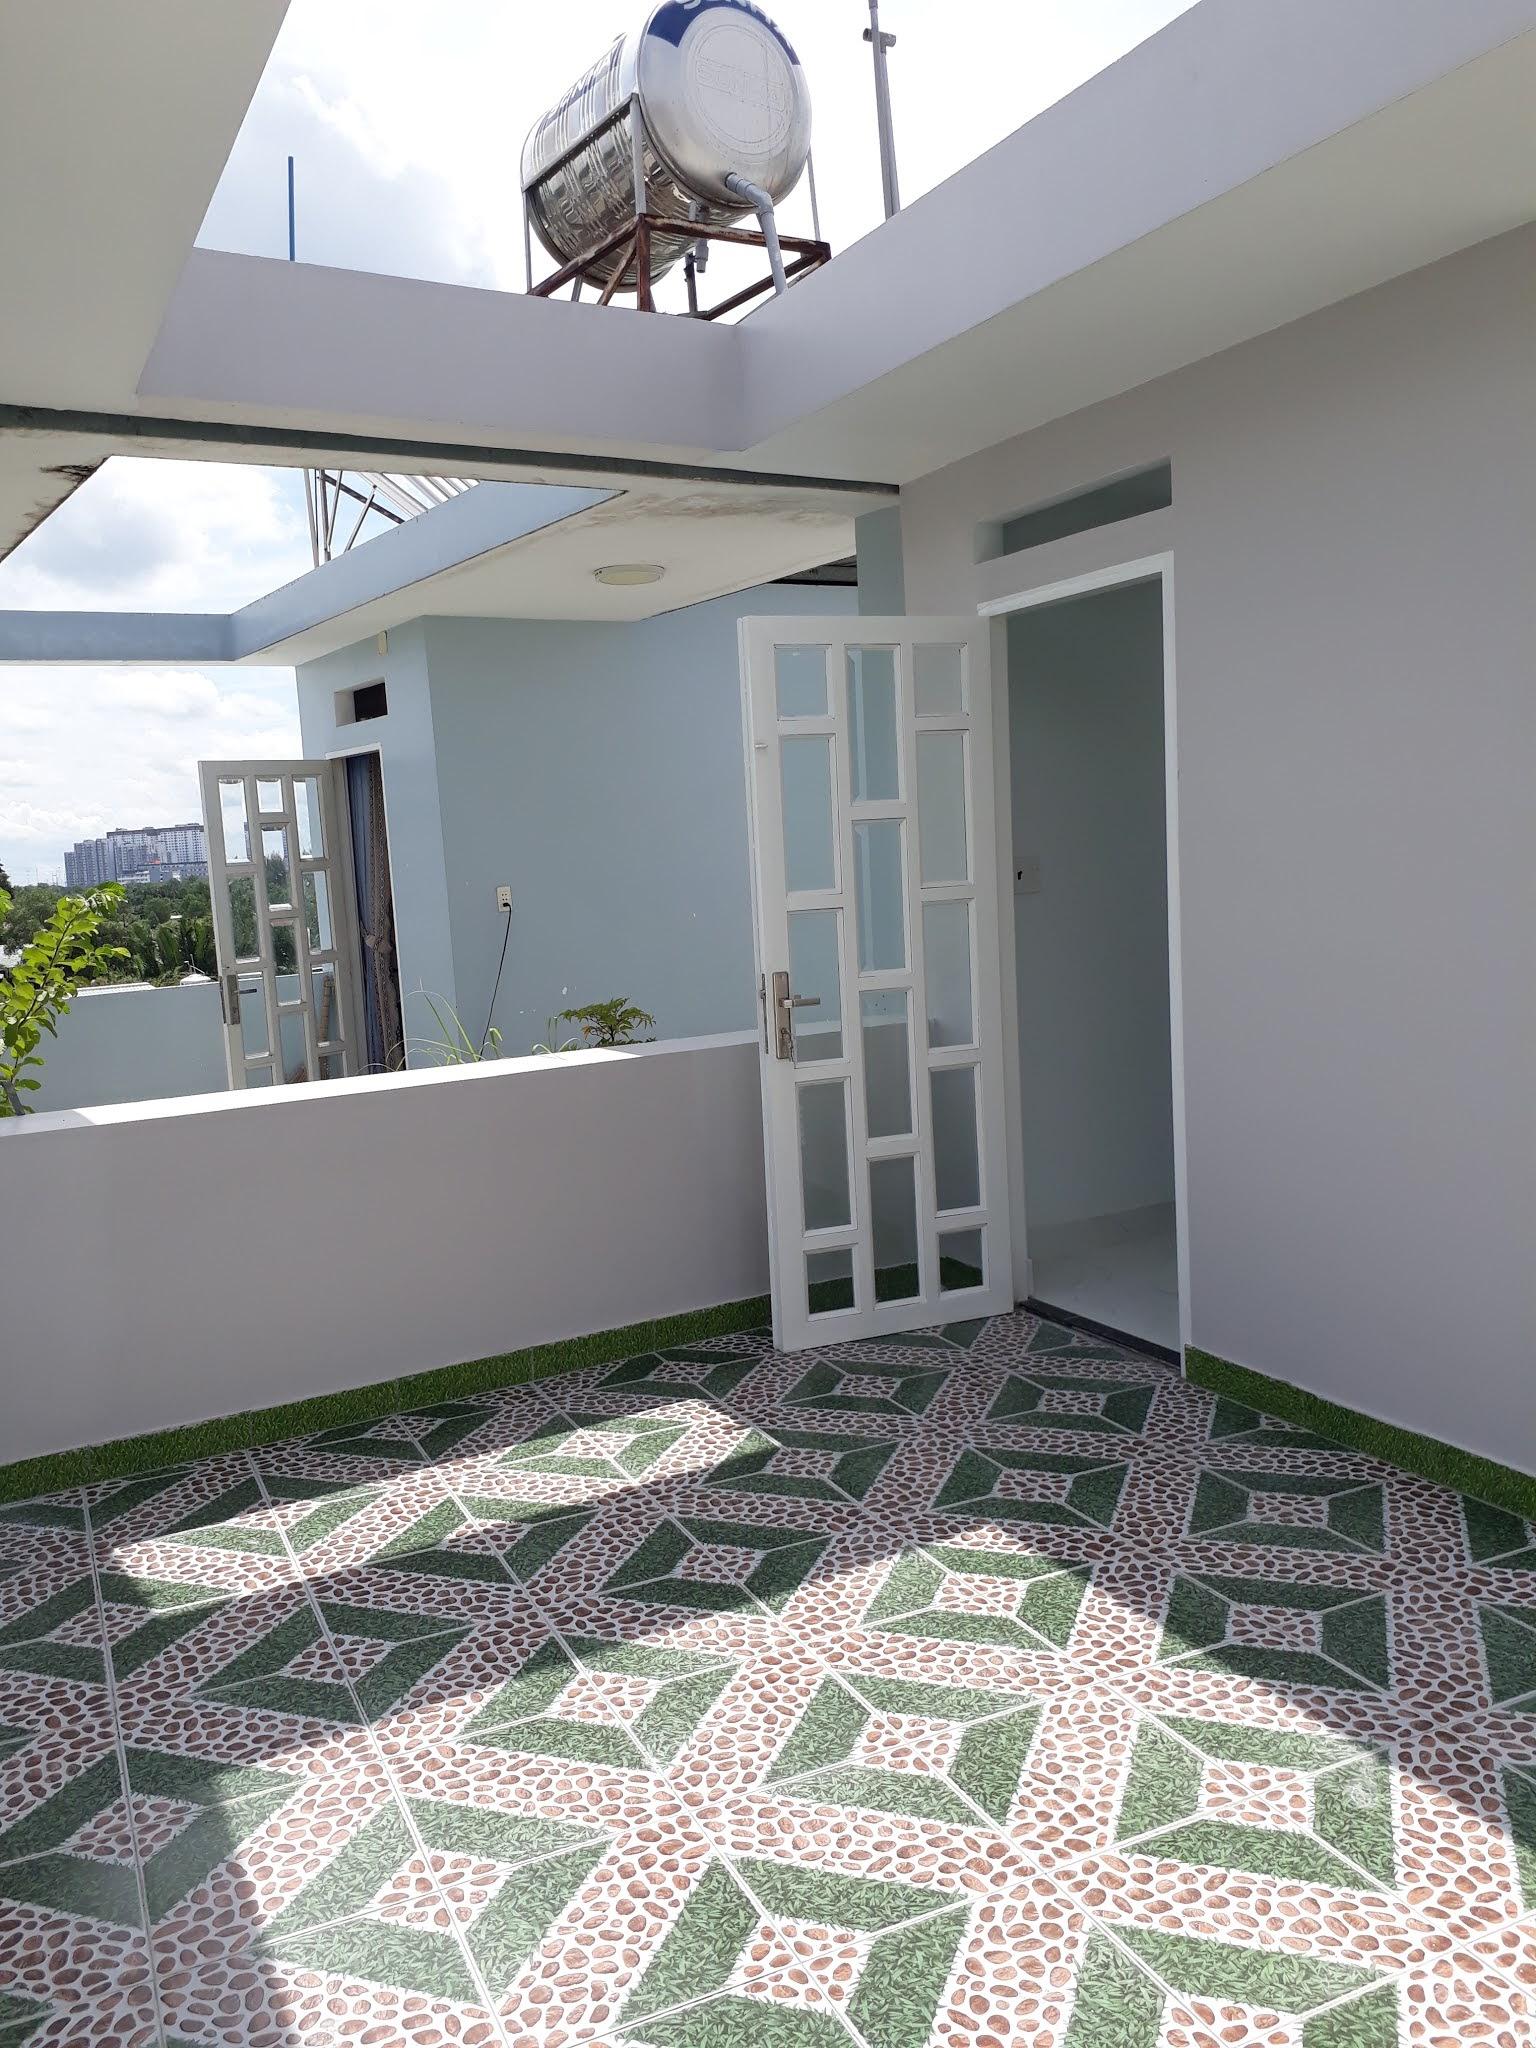 Bán nhà đường Phạm Thế Hiển phường 7 Quận 8 2020 mới xây rất đẹp